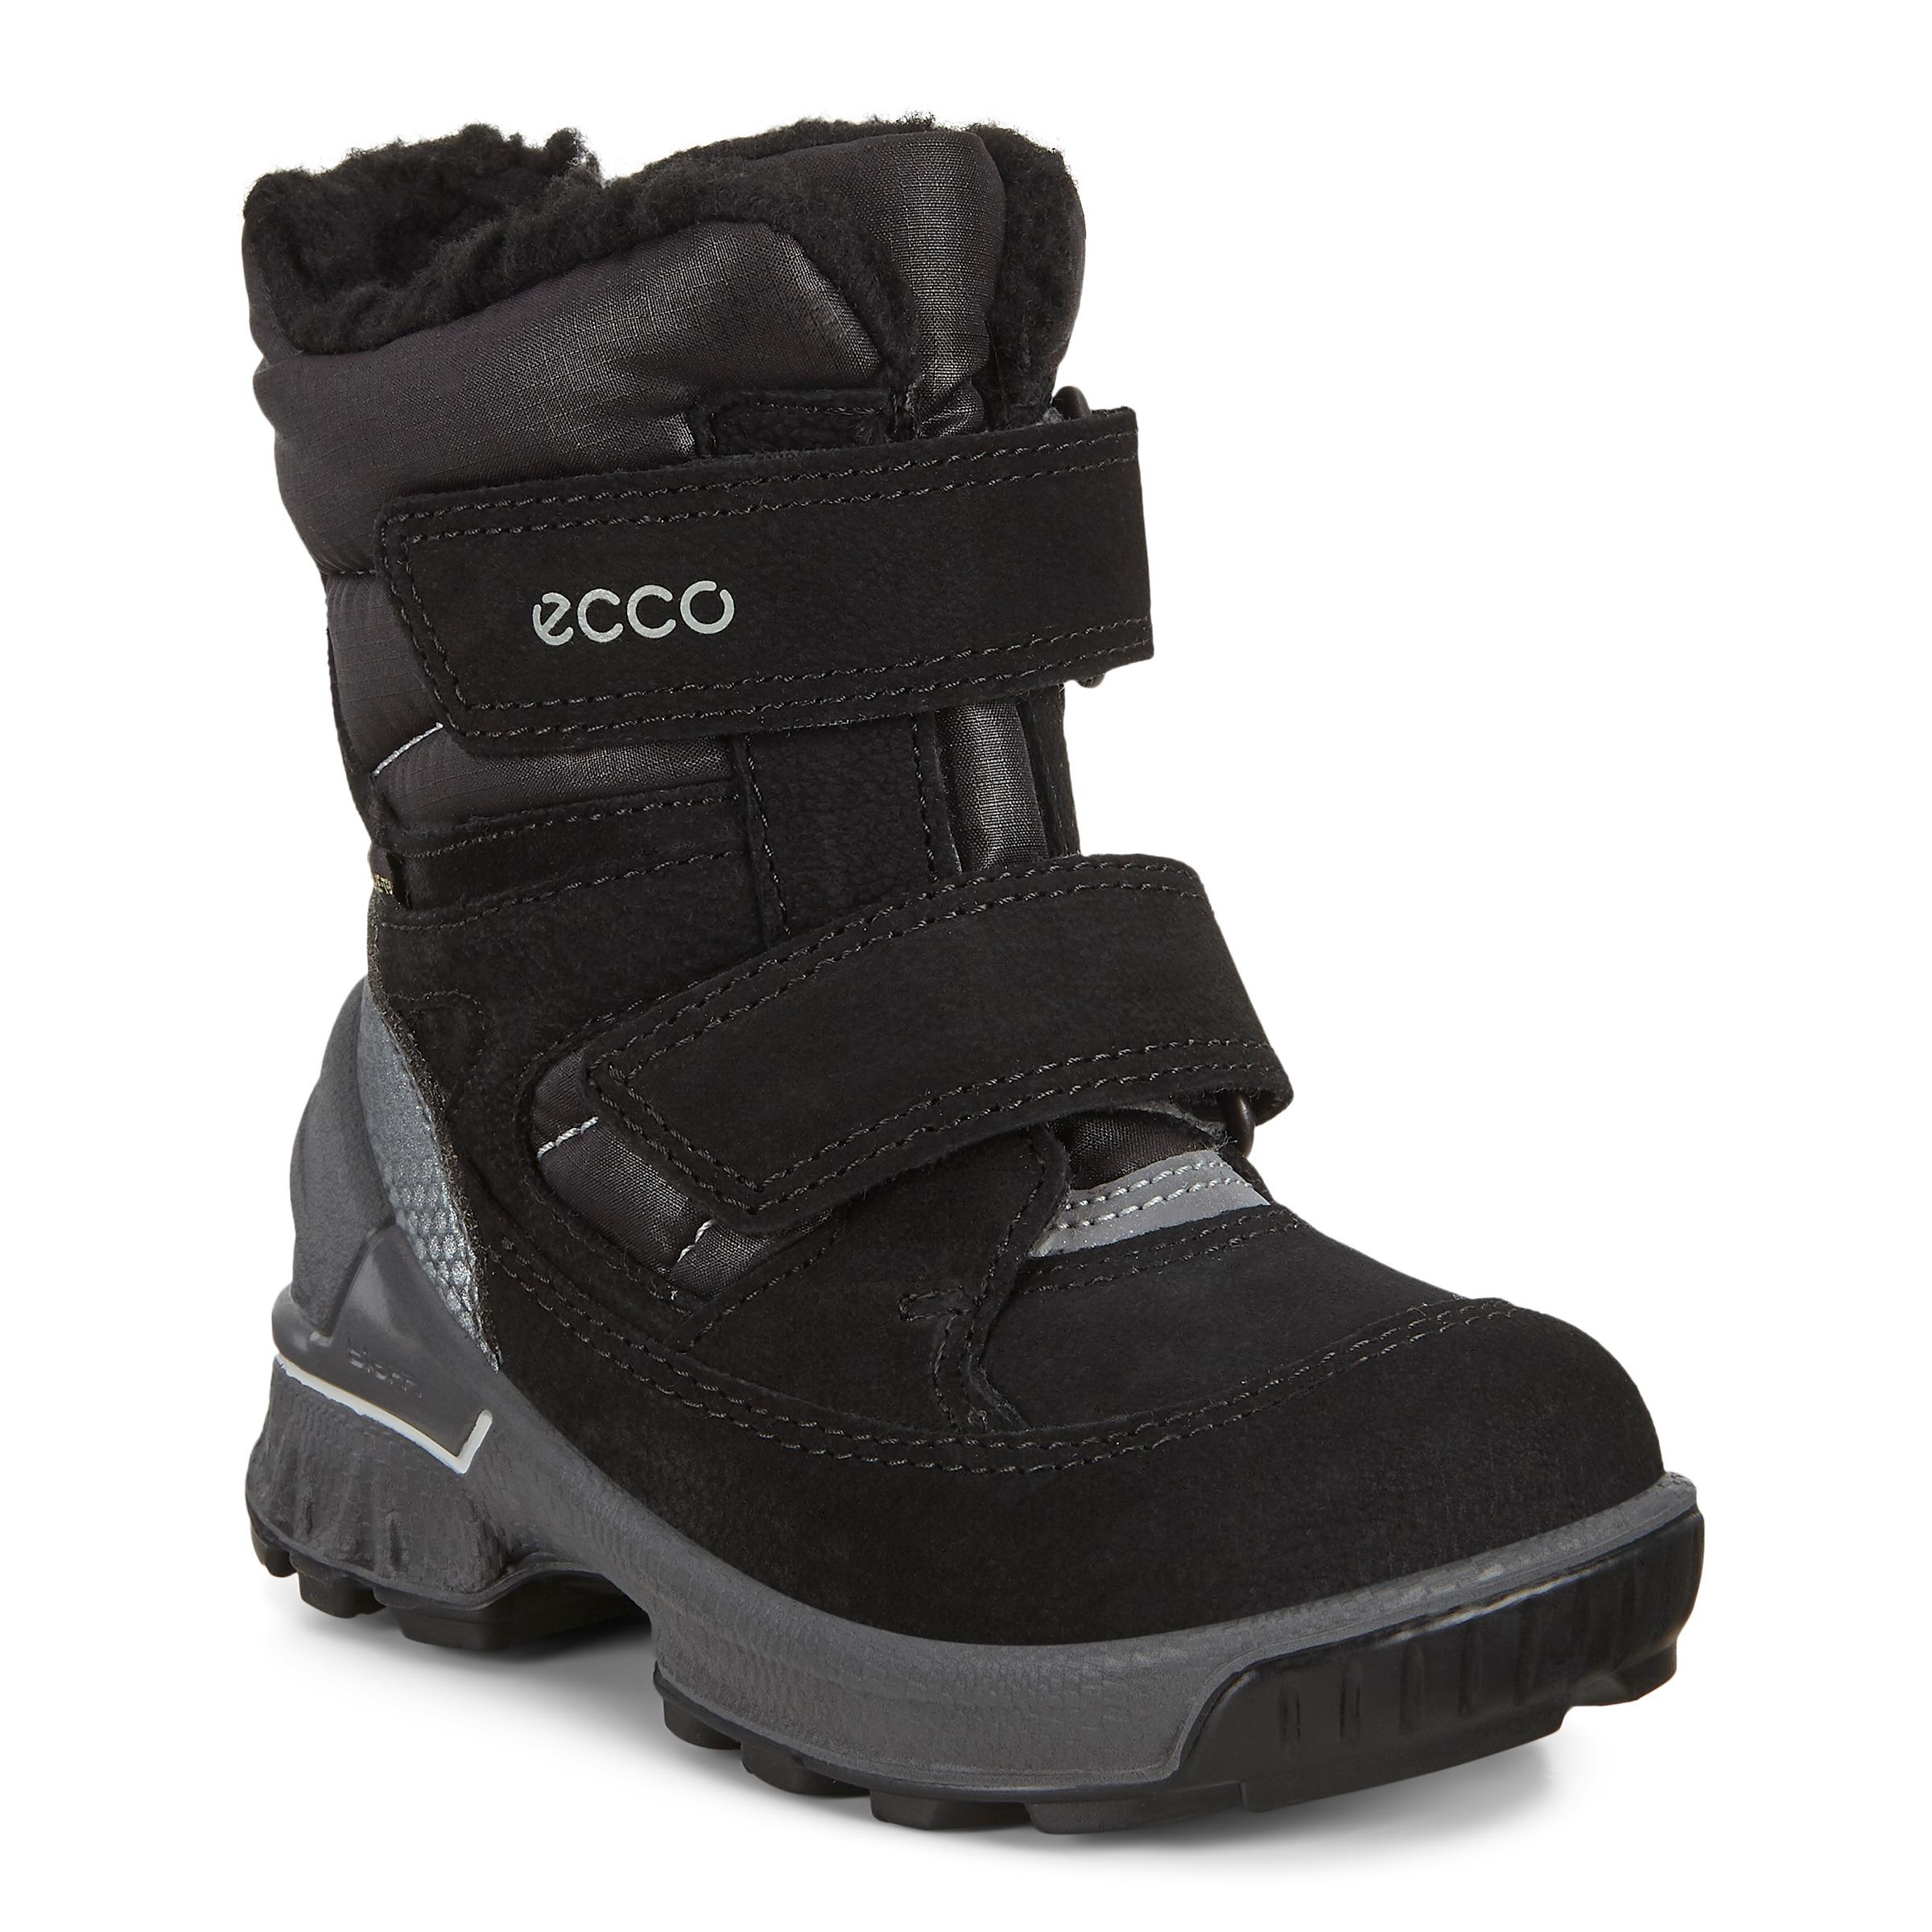 Ecco Vinterstøvler, Sort, 29